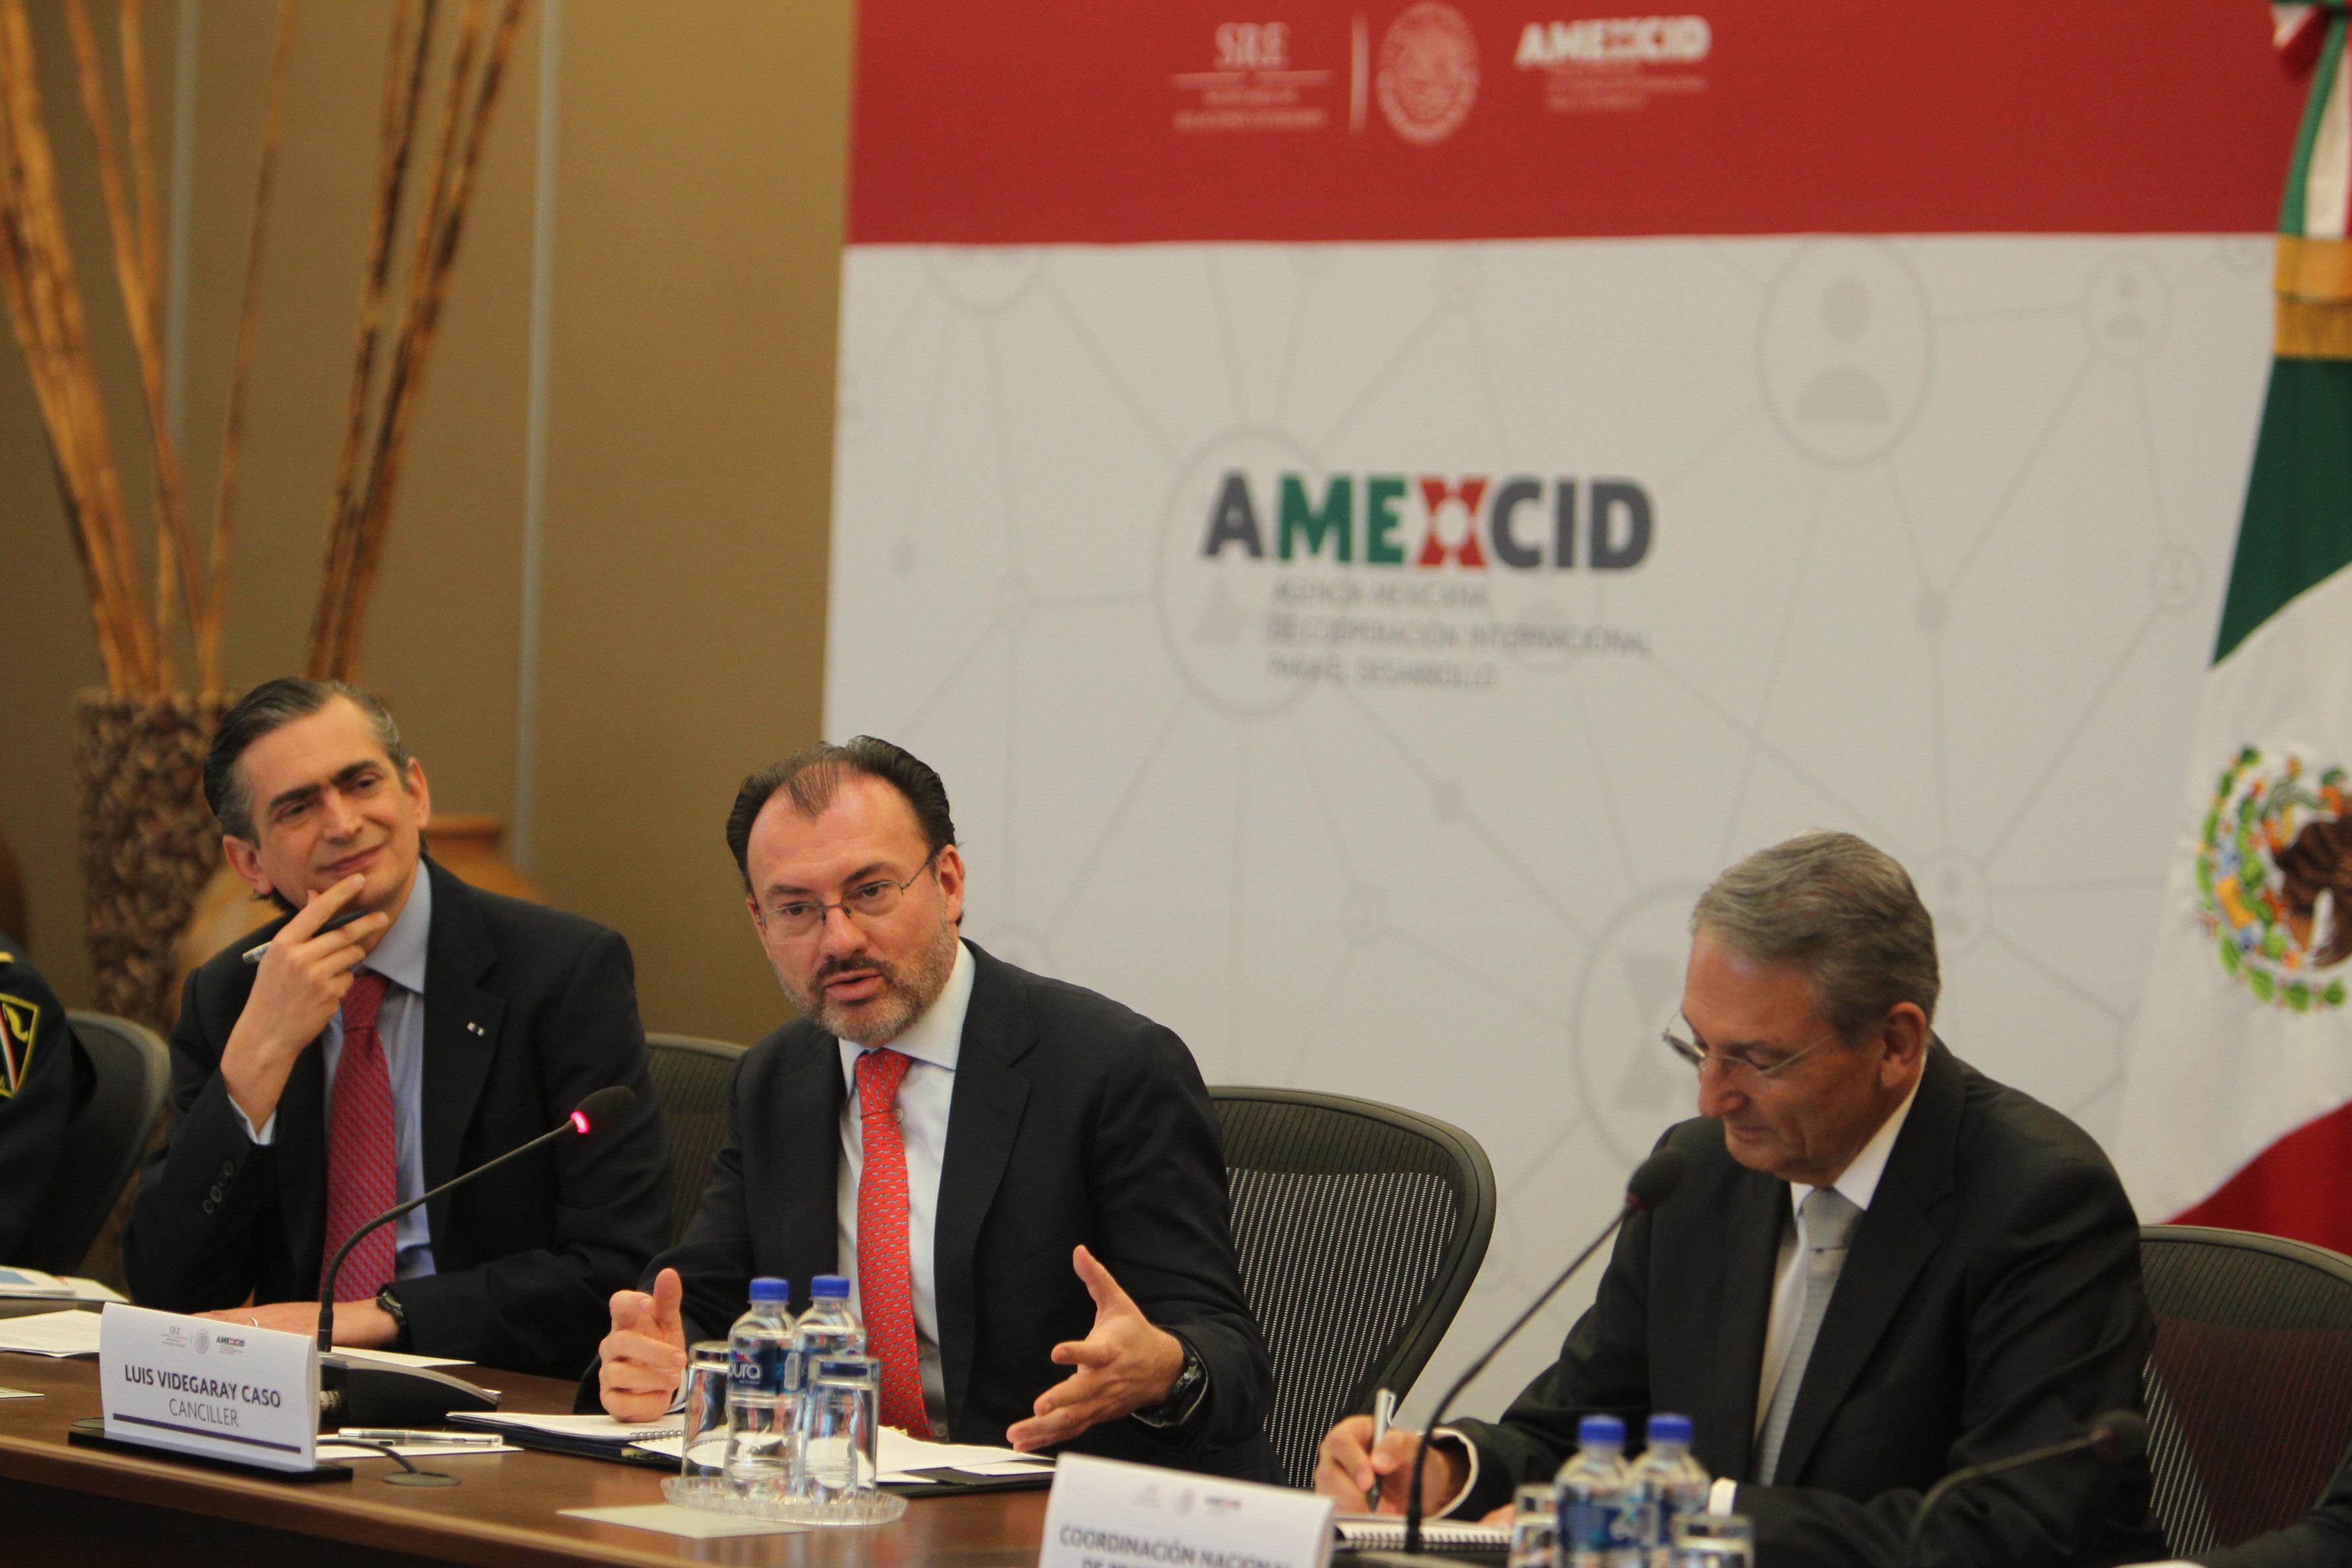 Presenta amexcid resultados de la pol tica de cooperaci n for La politica internacional